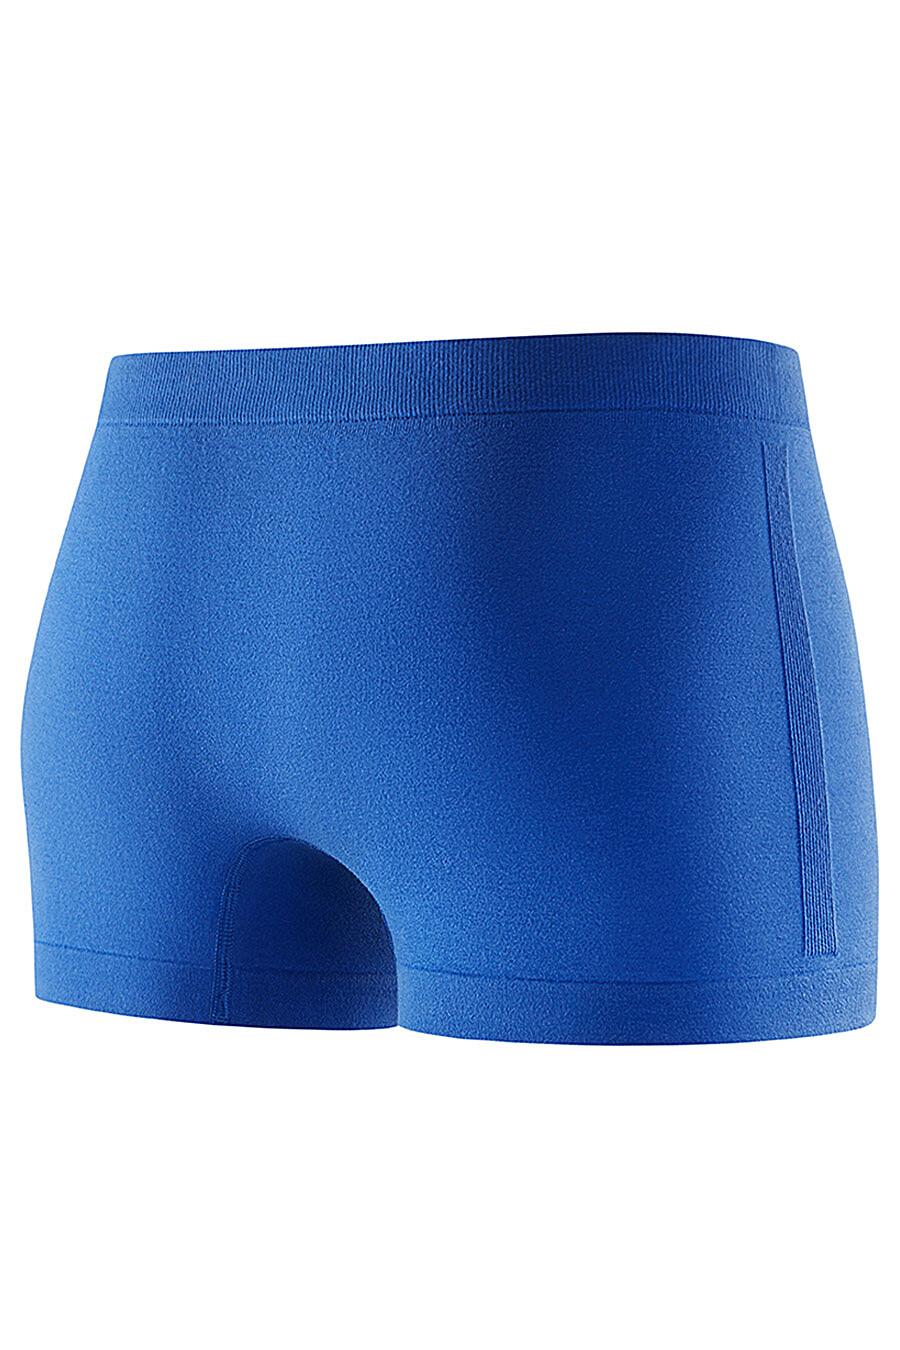 Трусы для мужчин TEKSA 218708 купить оптом от производителя. Совместная покупка мужской одежды в OptMoyo